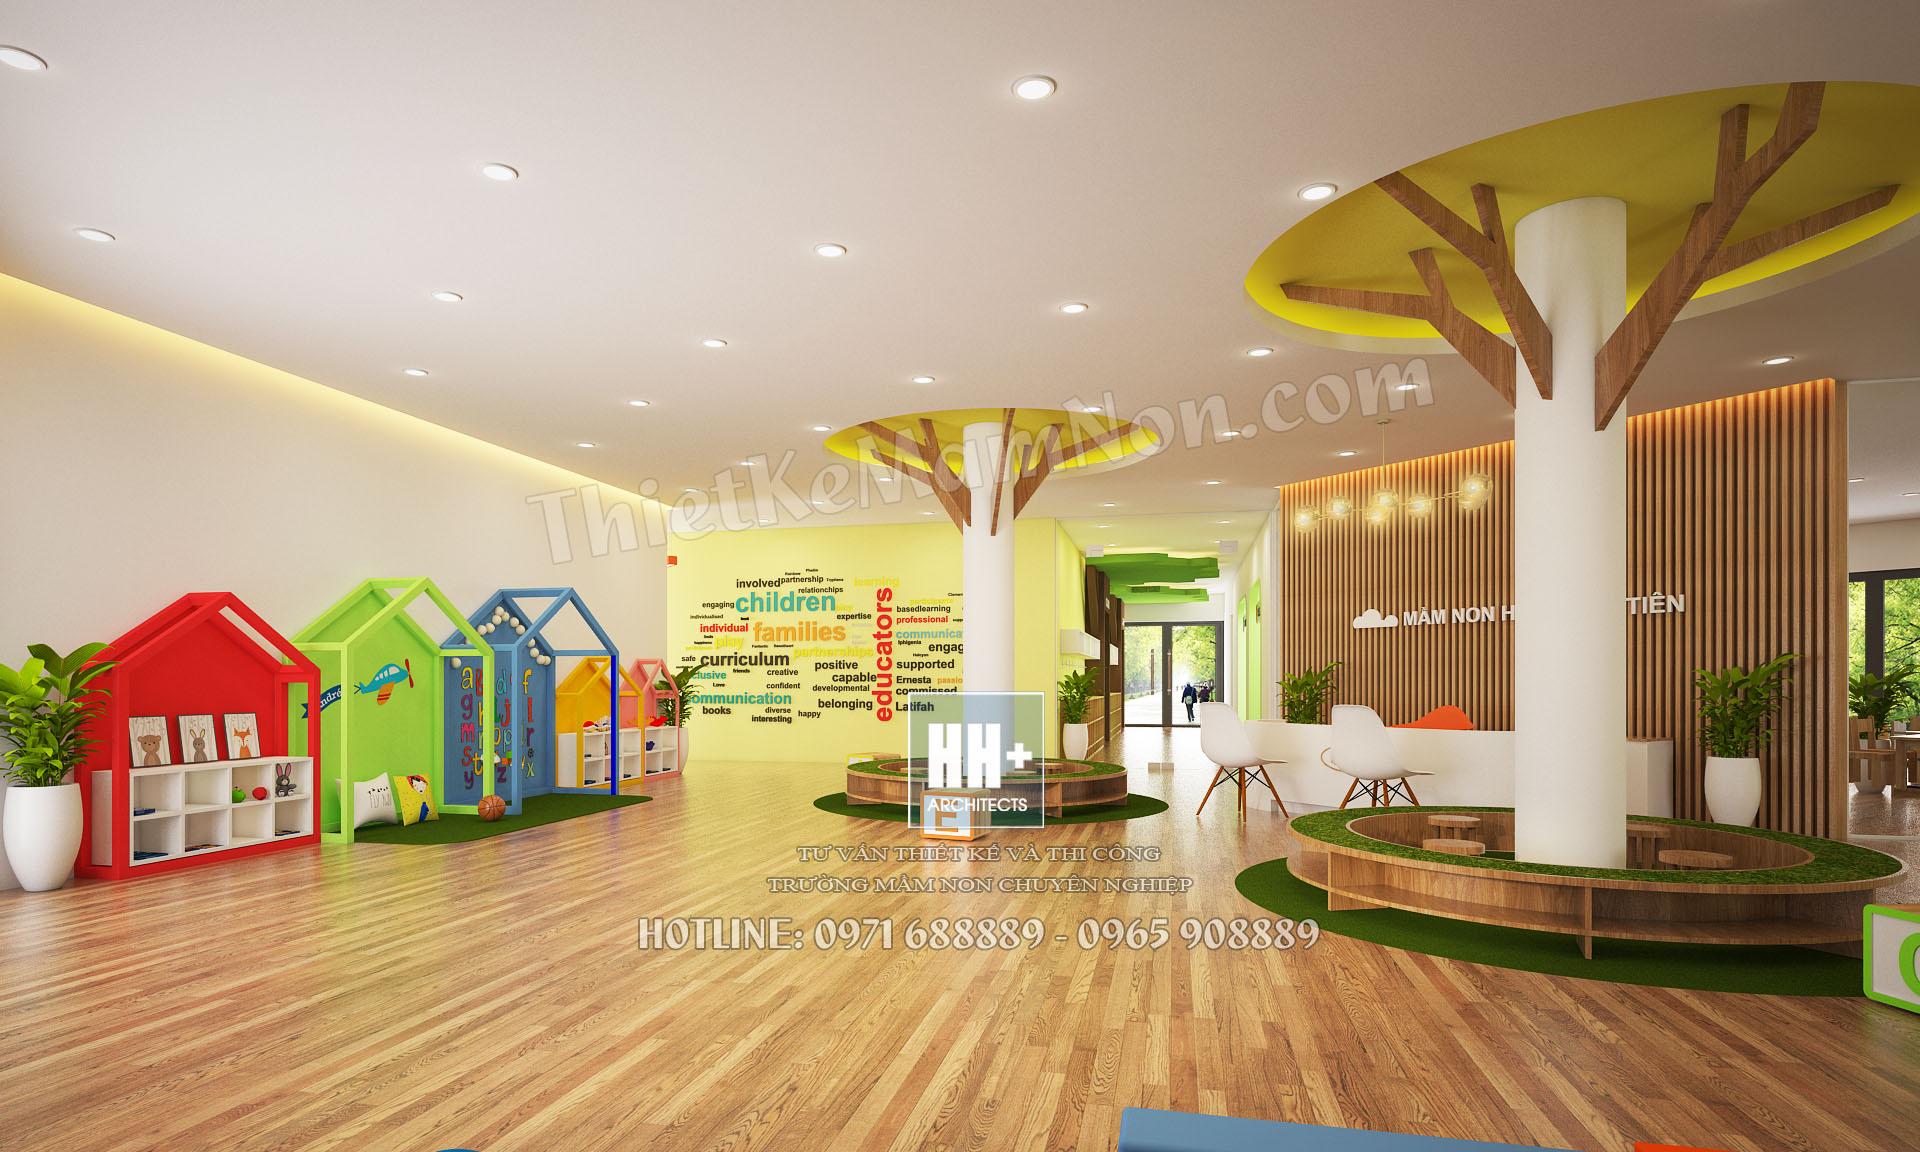 01 Sanh 1 Thiết kế trường mầm non montessori Thiết kế trường mầm non montessori Hoa Thủy Tinh 01 Sanh 1